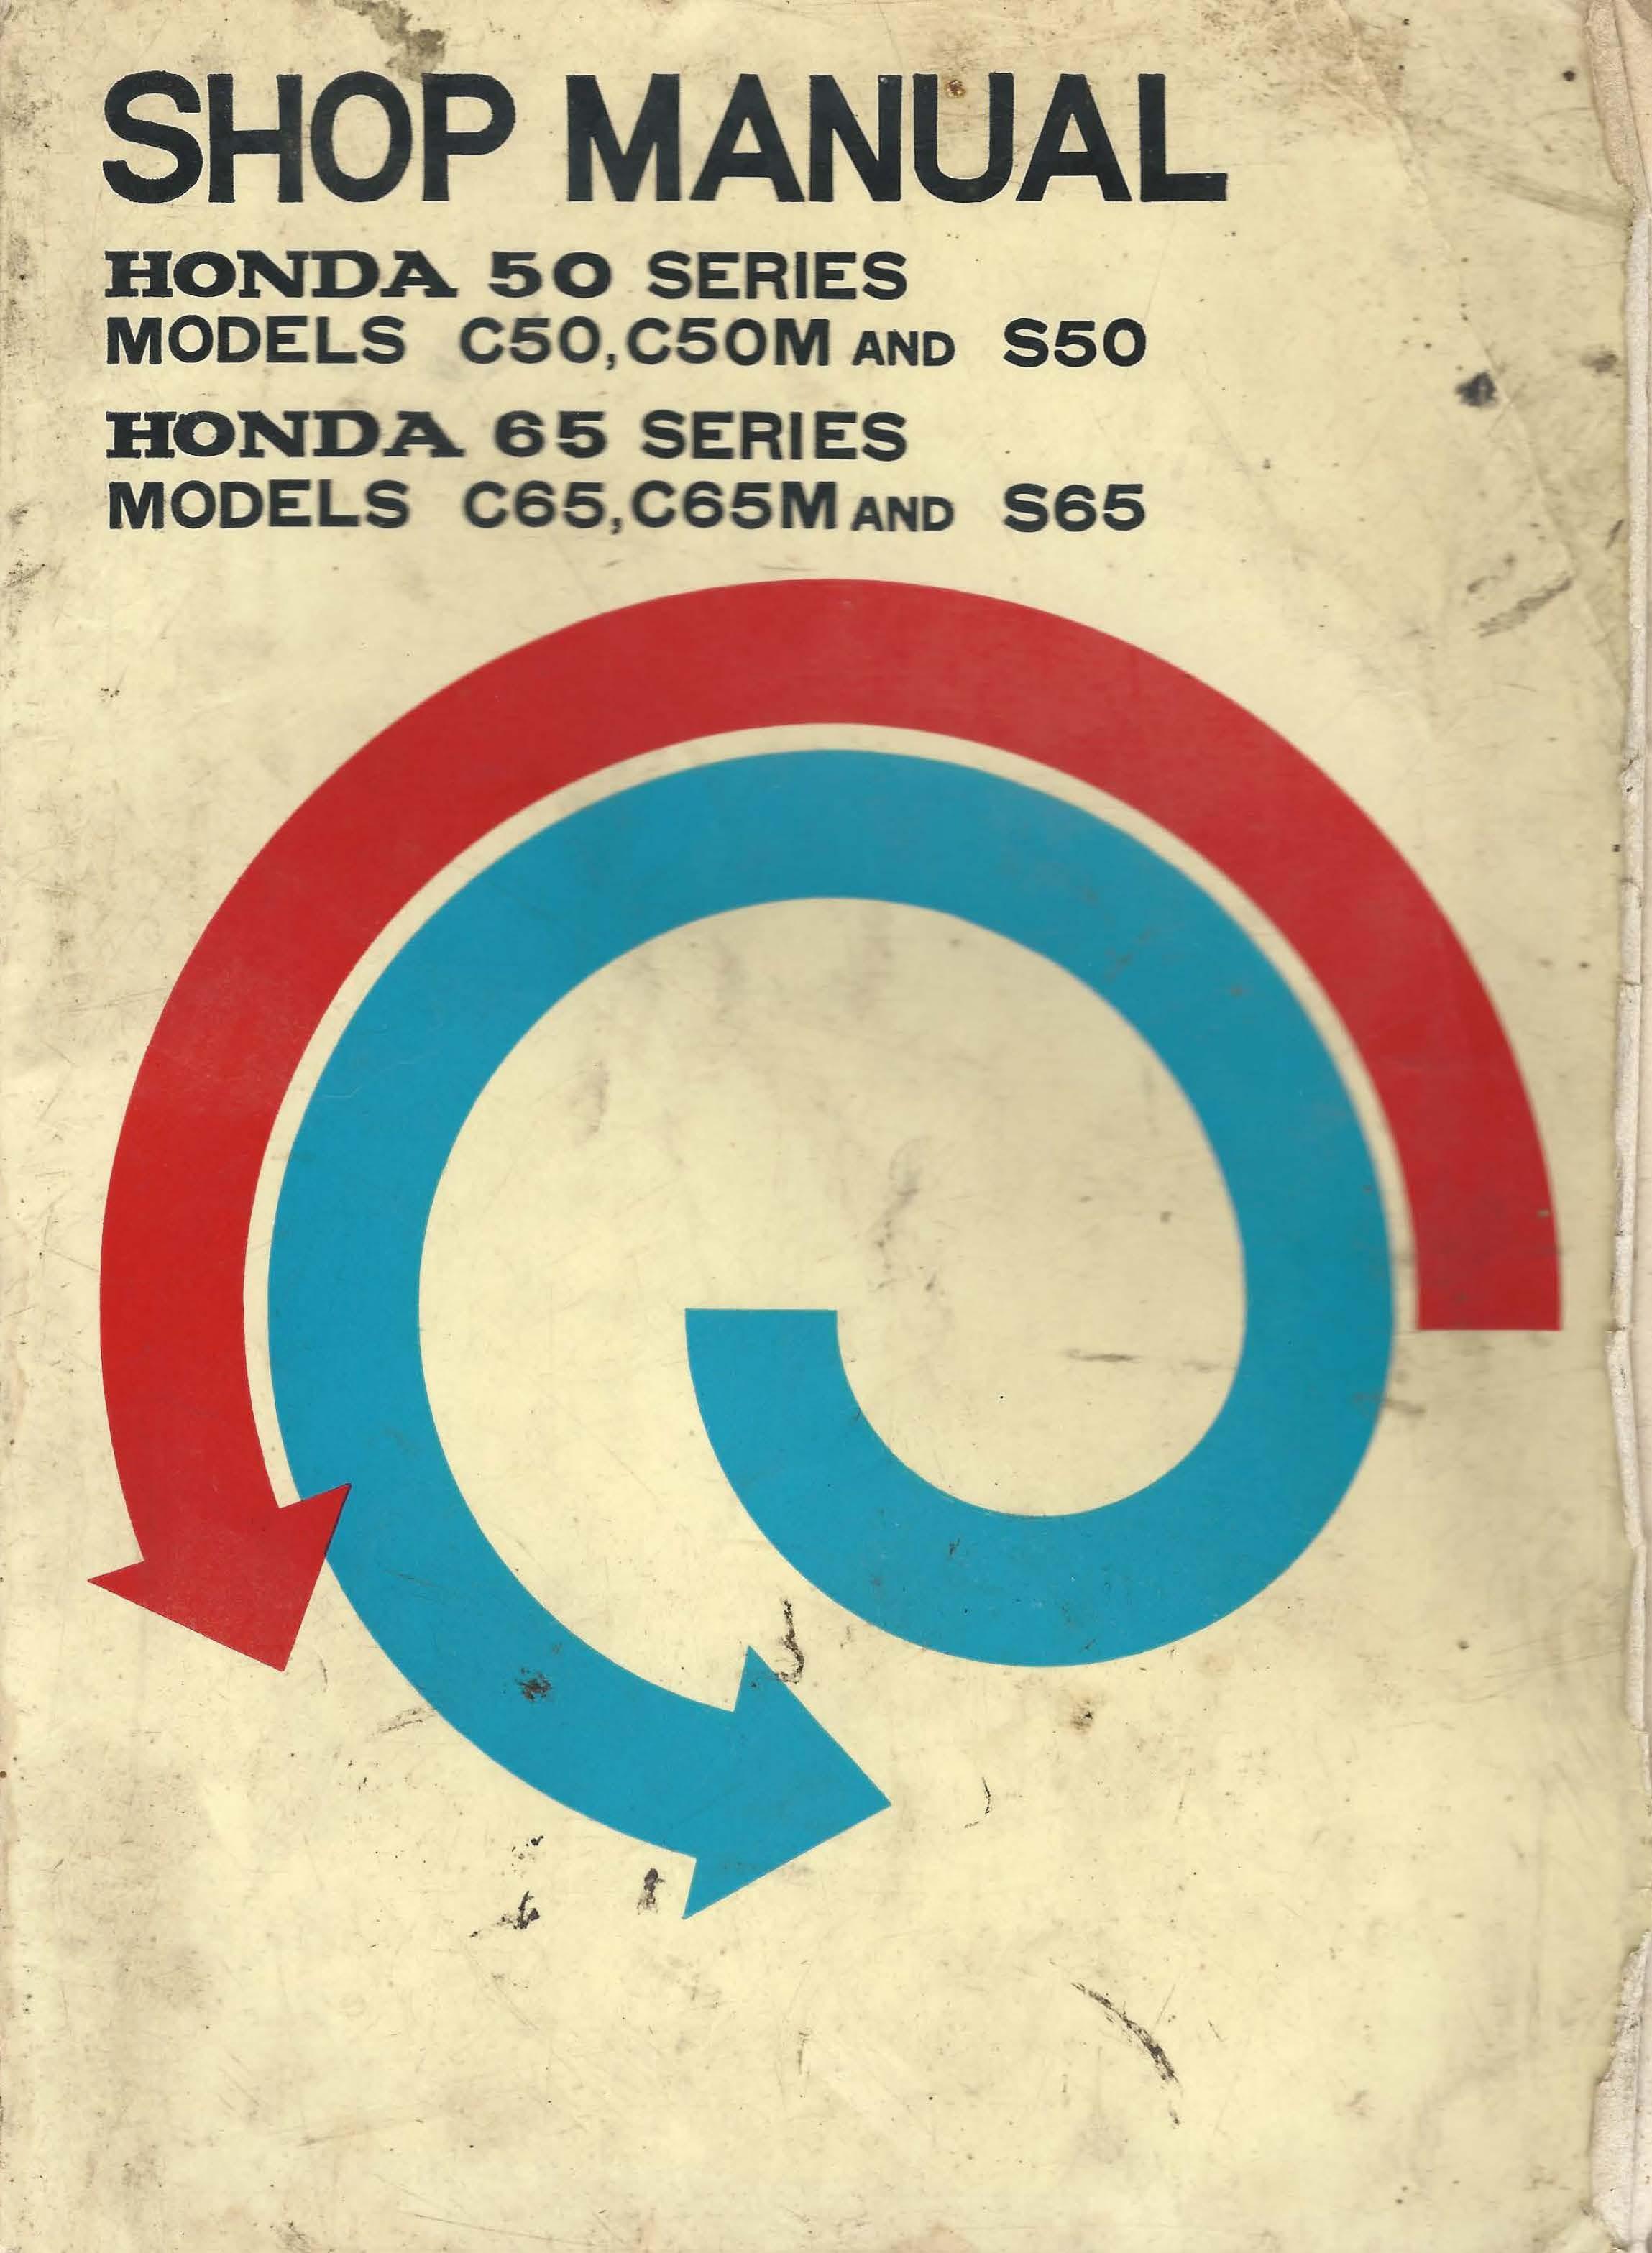 Workshop manual for Honda C50 (1966)